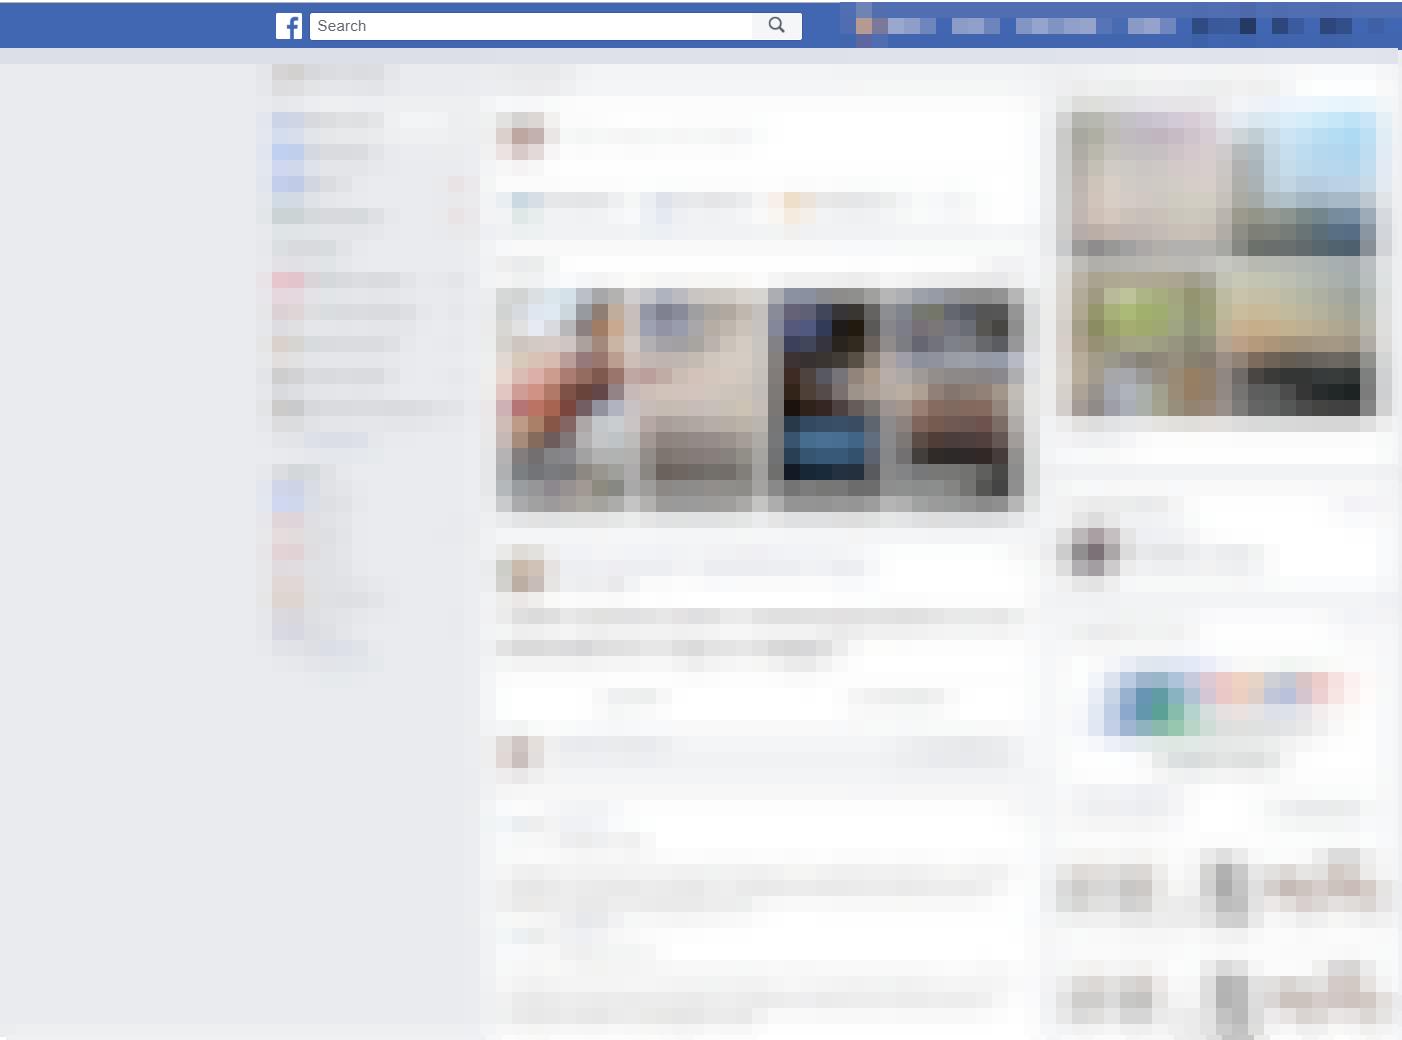 search 2 blur